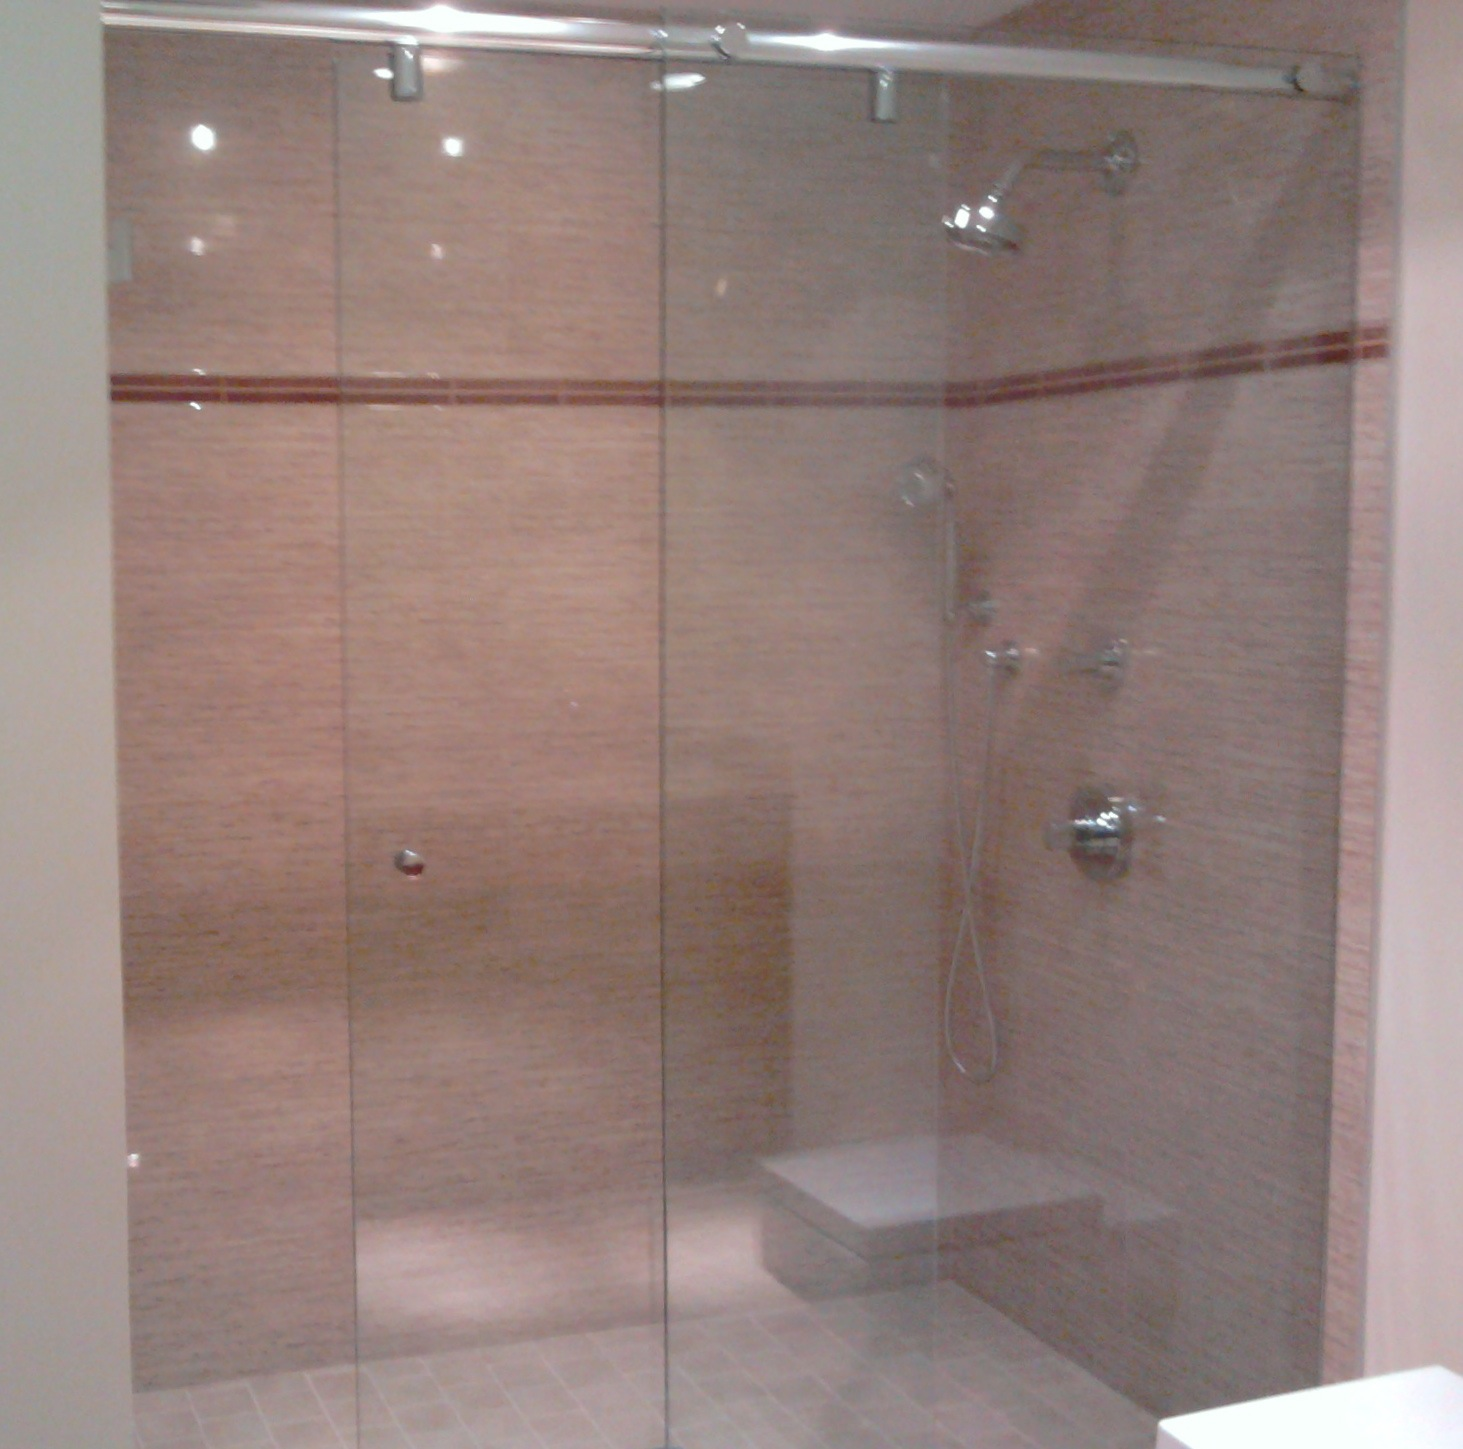 Hydroslide Frameless Glass Shower Units Are Popular In